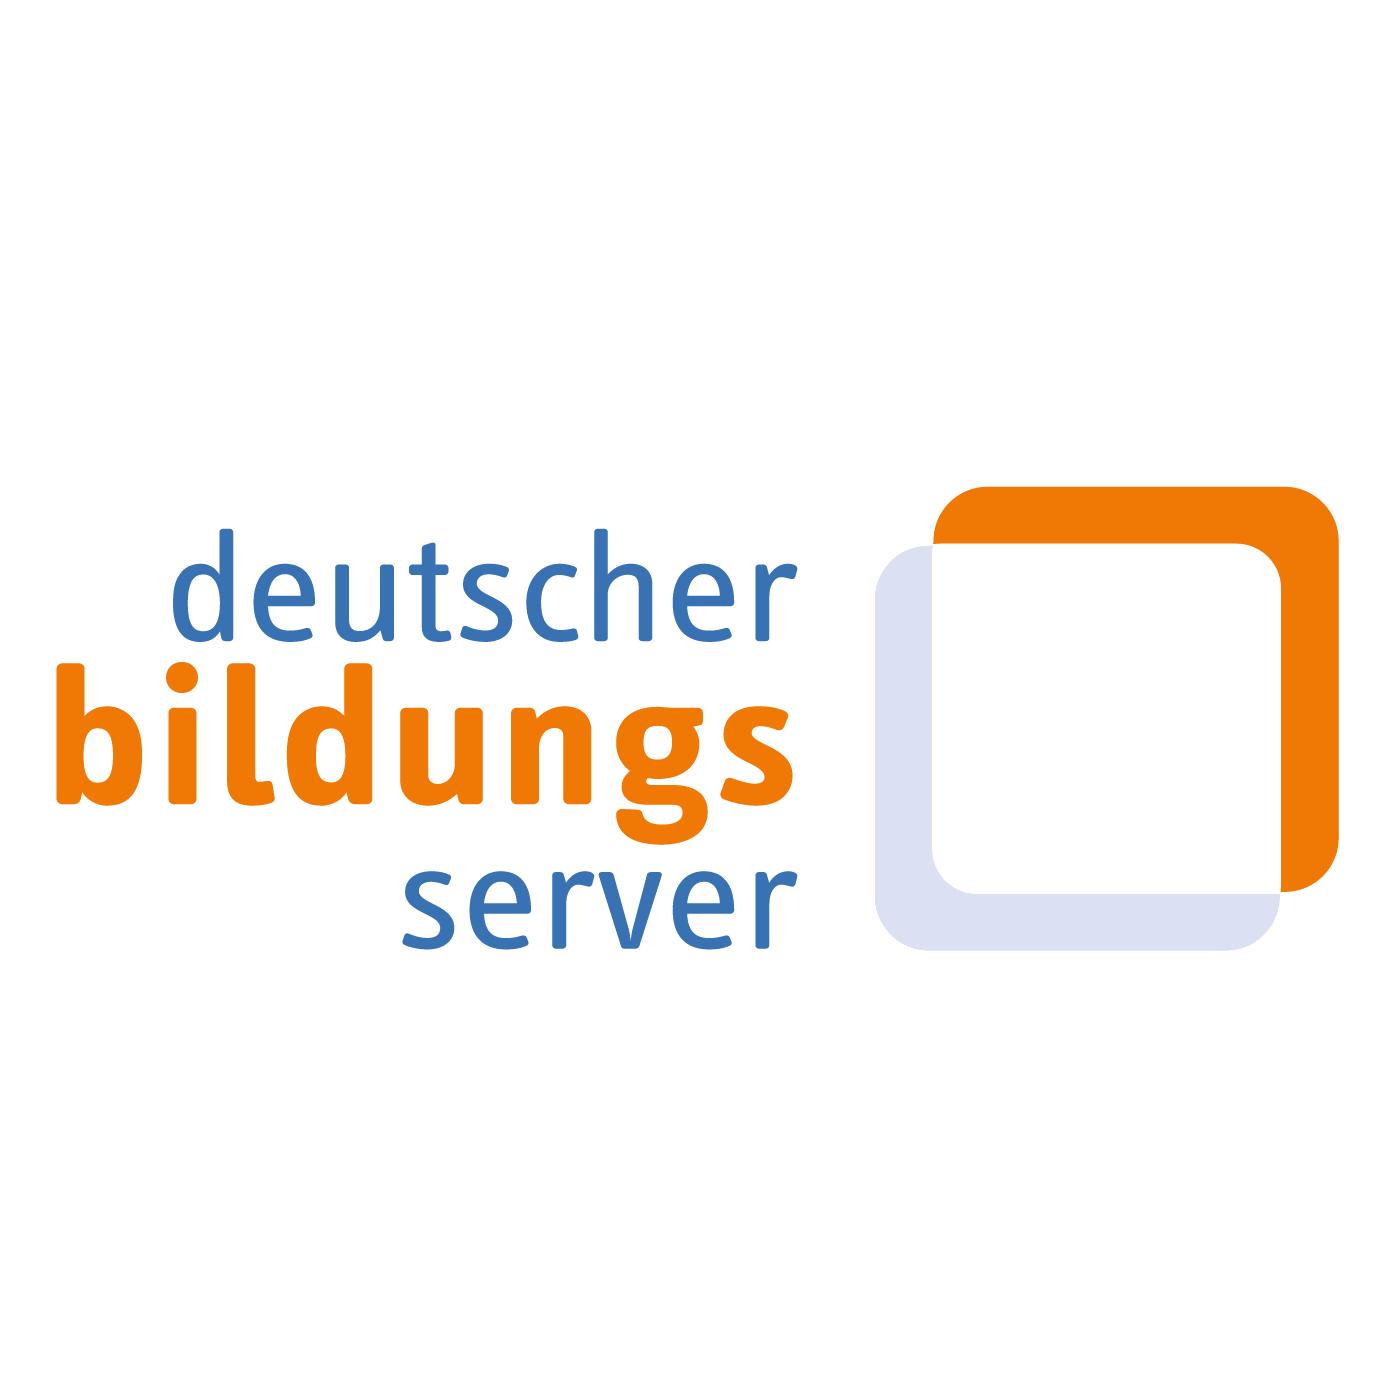 (c) Bildungsserver.de